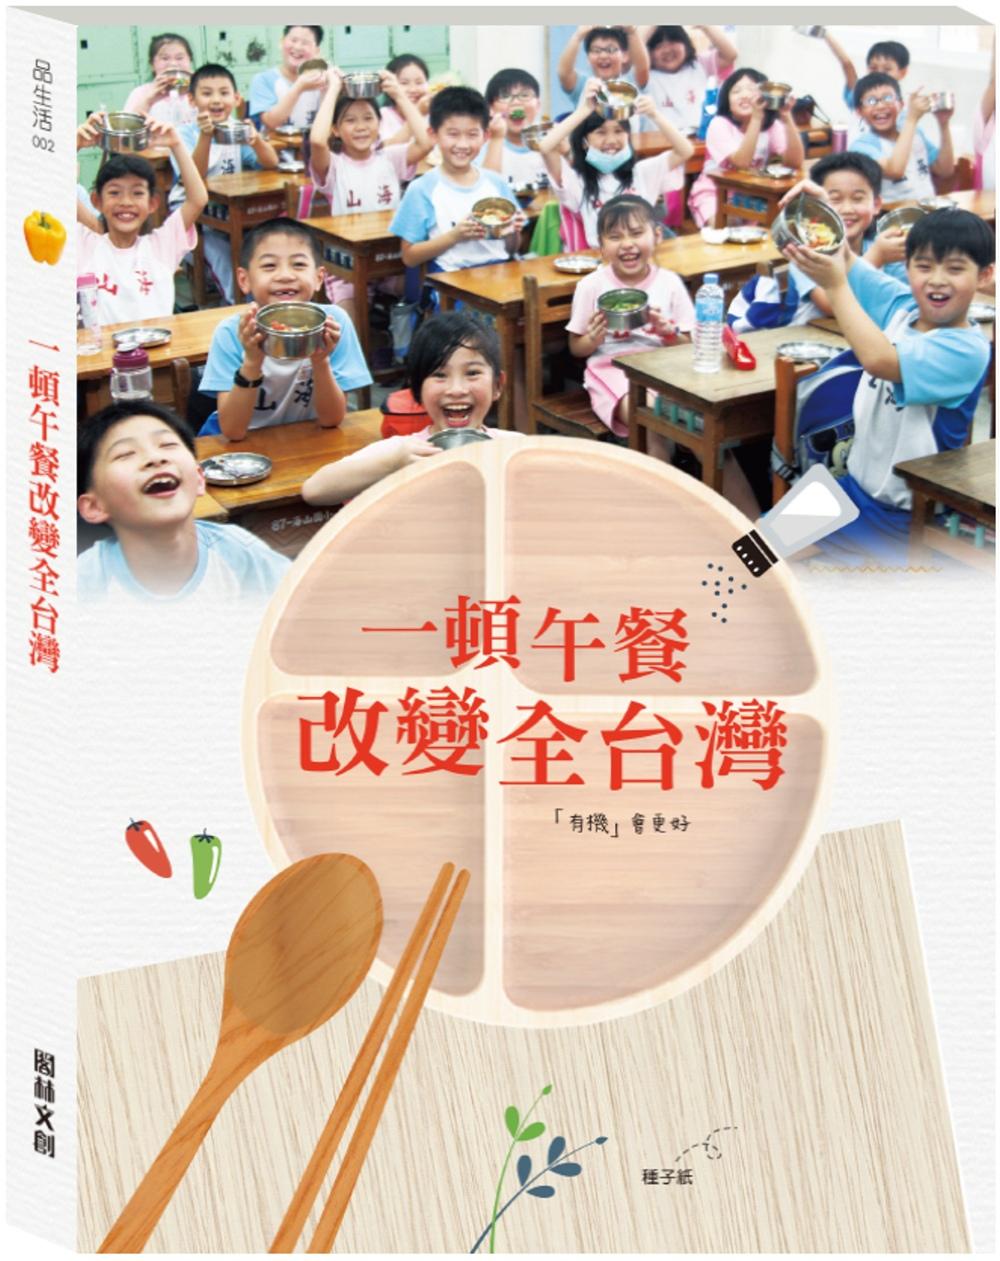 一頓午餐改變全台灣:「有機」會更好